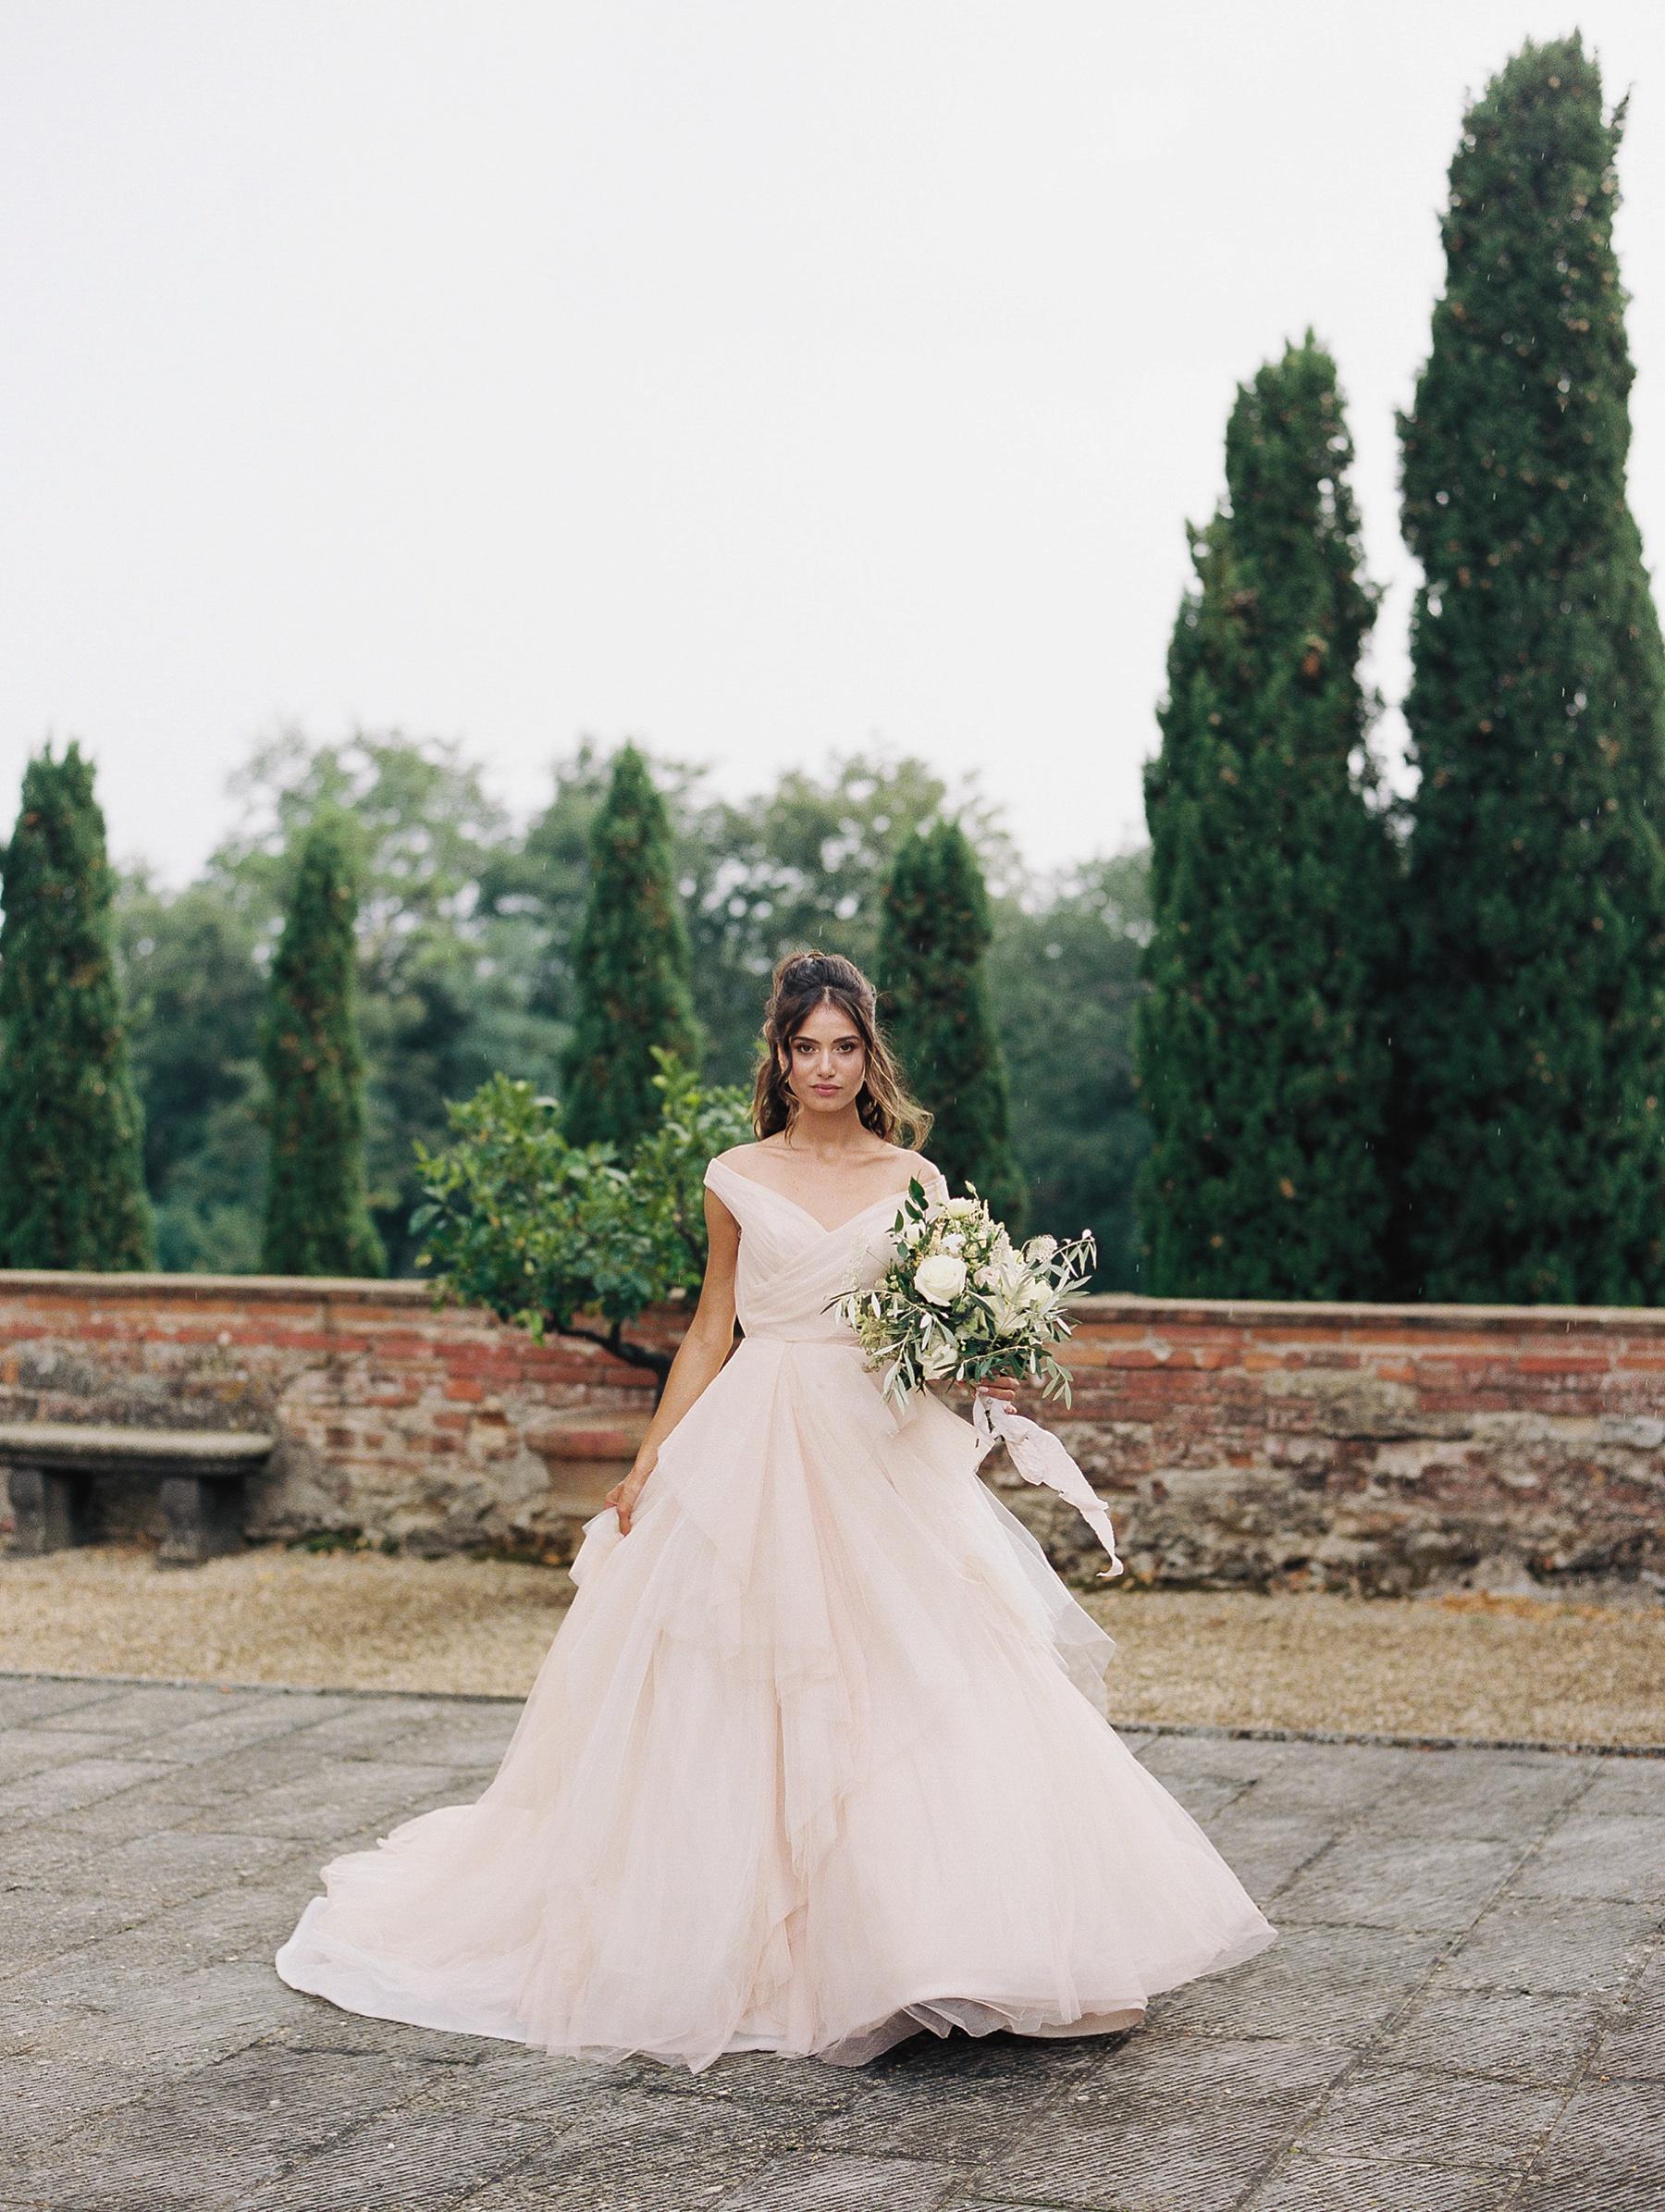 Il Borro Tuscany Italy Wedding Photographer_0794.jpg